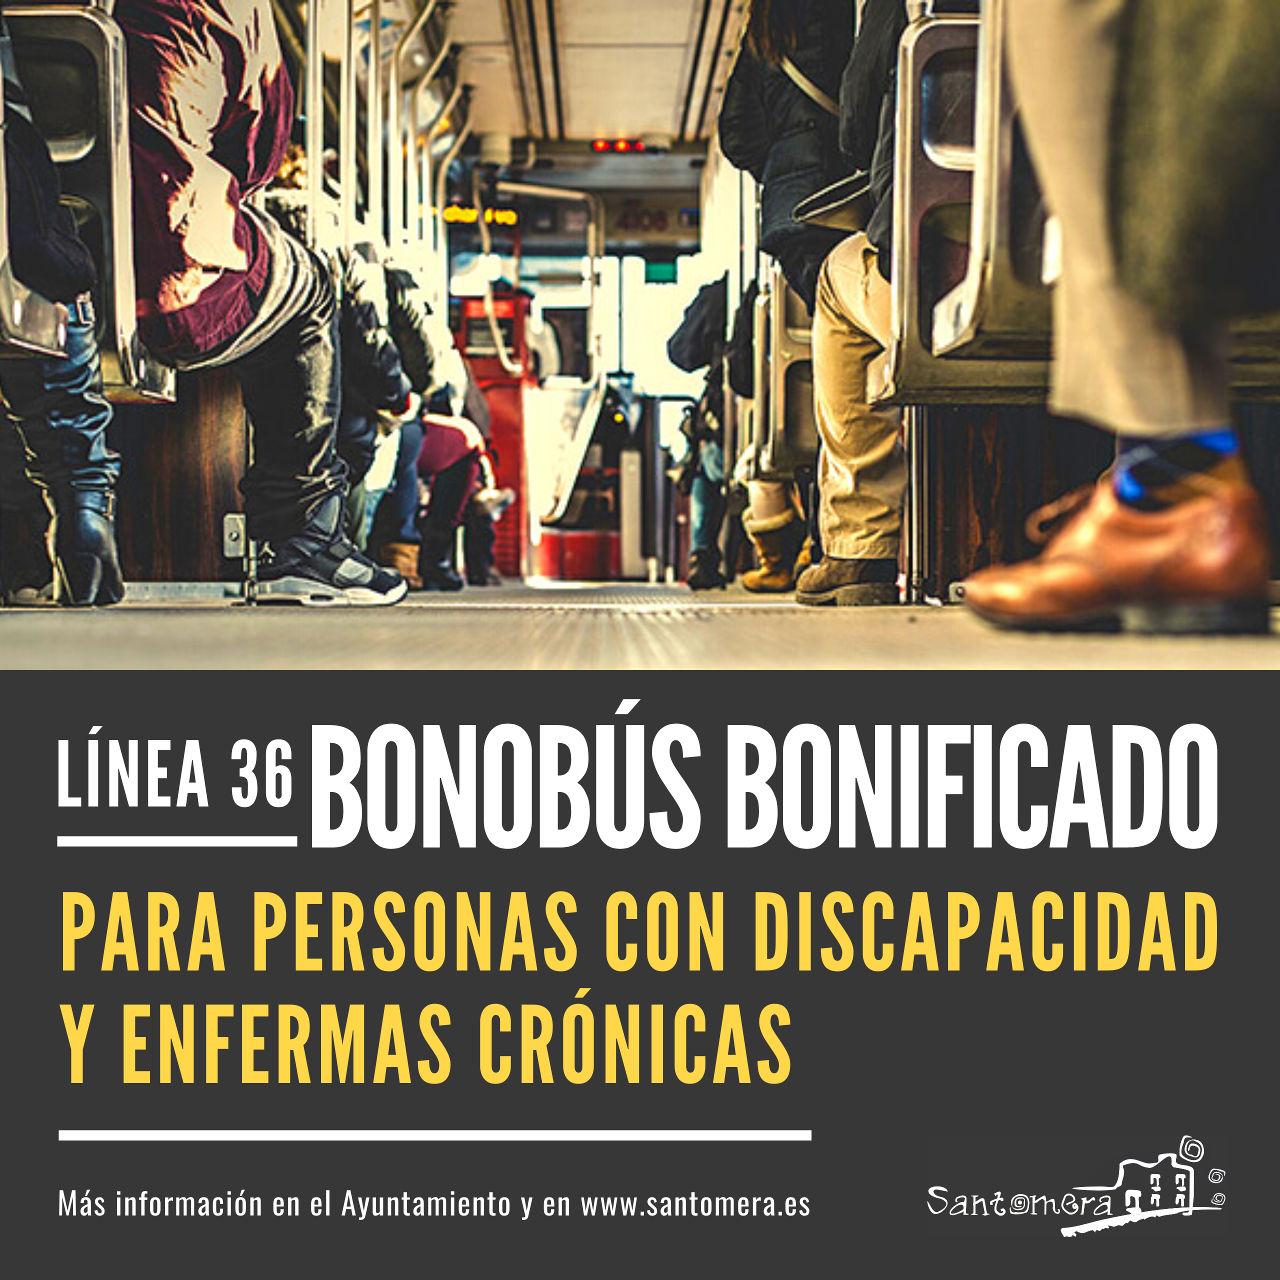 20200715_Ampliacion bonobus